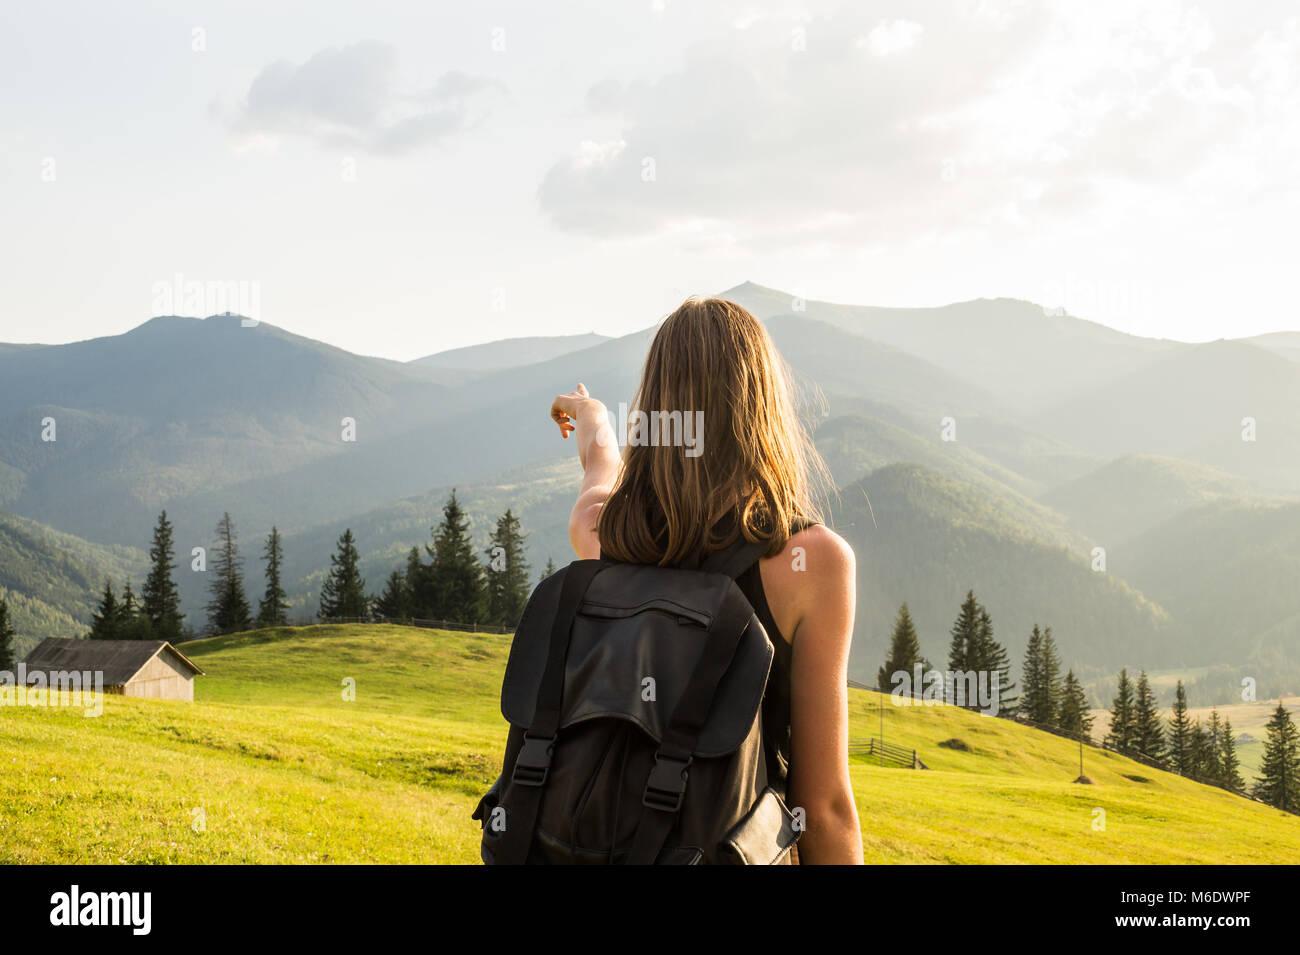 Junge Mädchen steht am Abhang der ukrainischen Karpaten und schaut auf fernen Gipfeln Stockbild